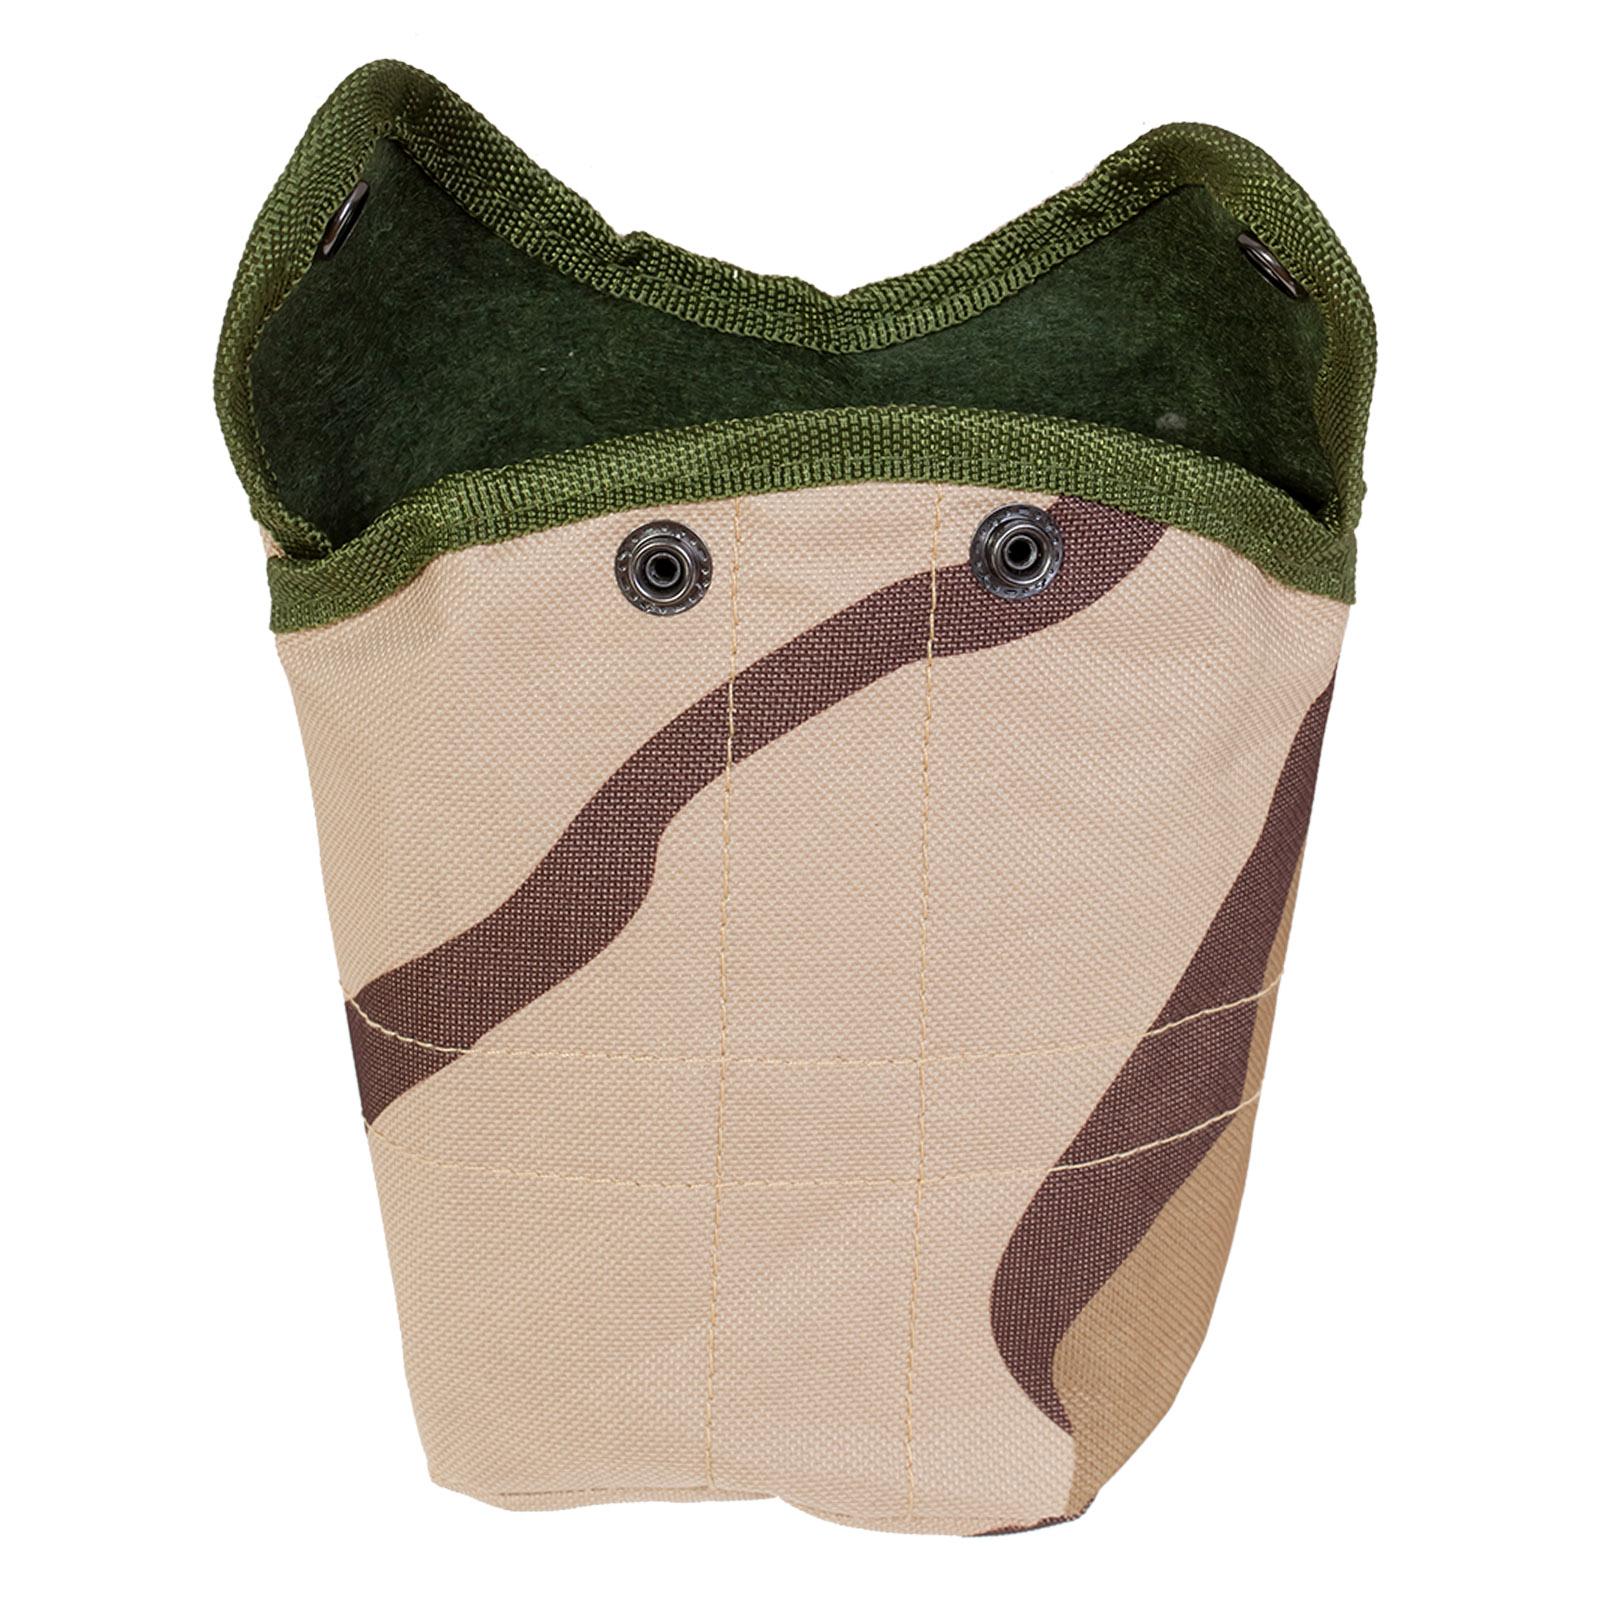 Поясные сумки и чехлы для фляг. Продажа комплектами и отдельно